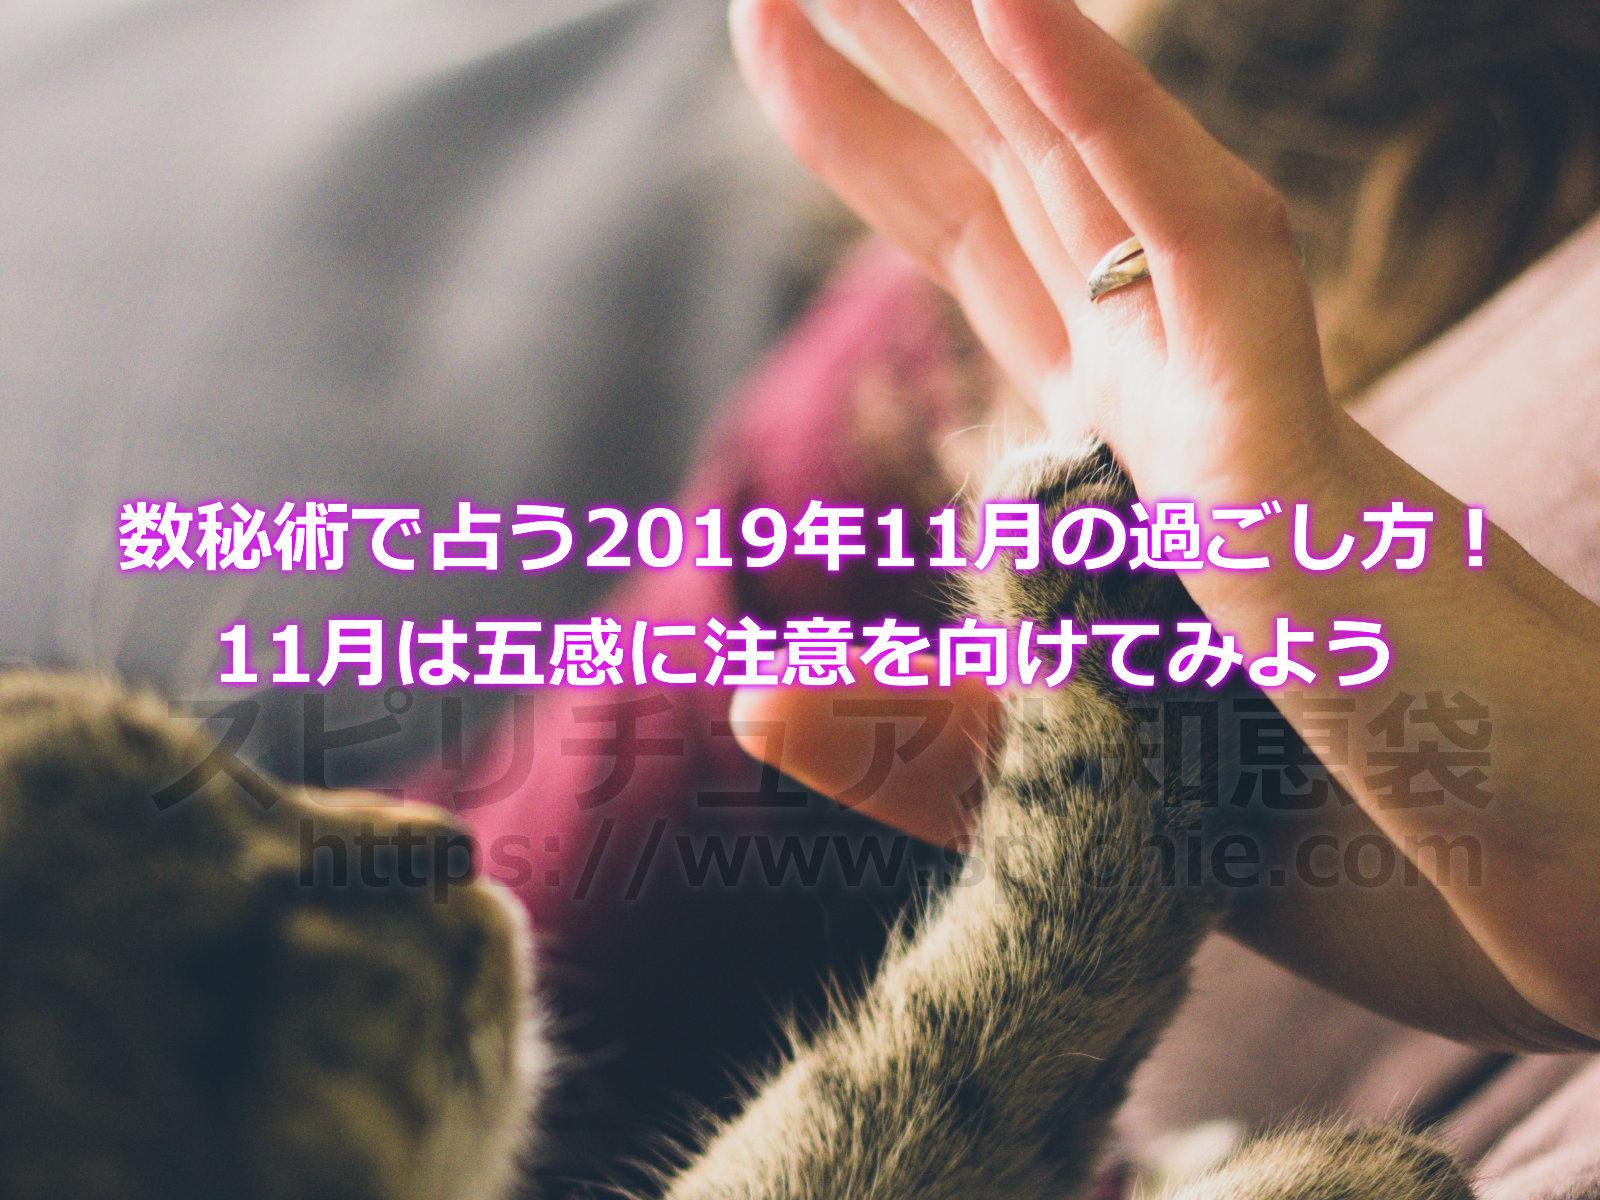 数秘術で占う2019年11月の過ごし方!11月は五感に注意を向けてみようのアイキャッチ画像